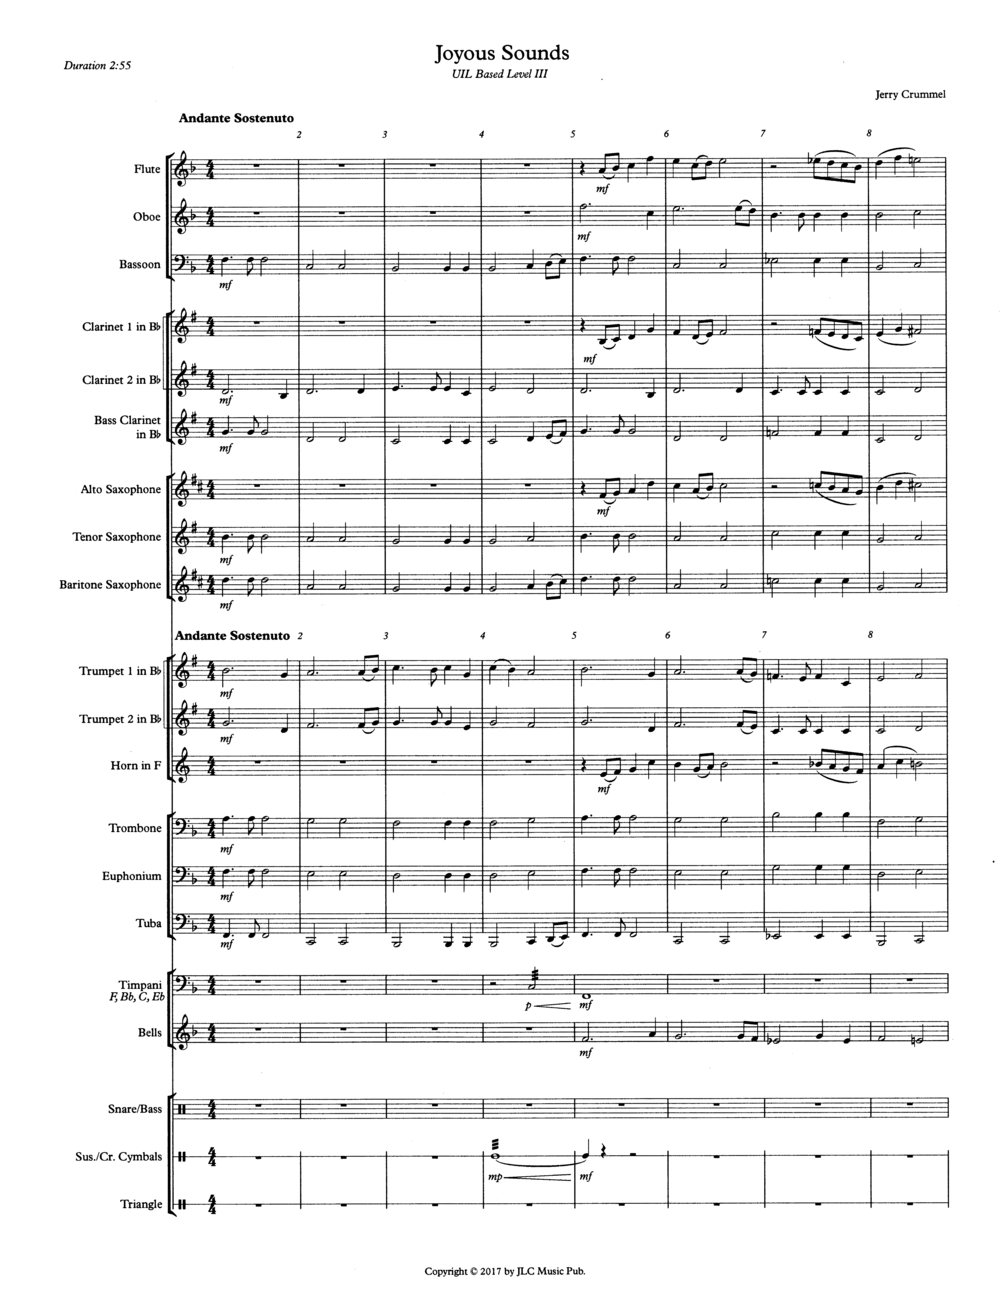 Joyous Sounds SCORE p.108262017.png